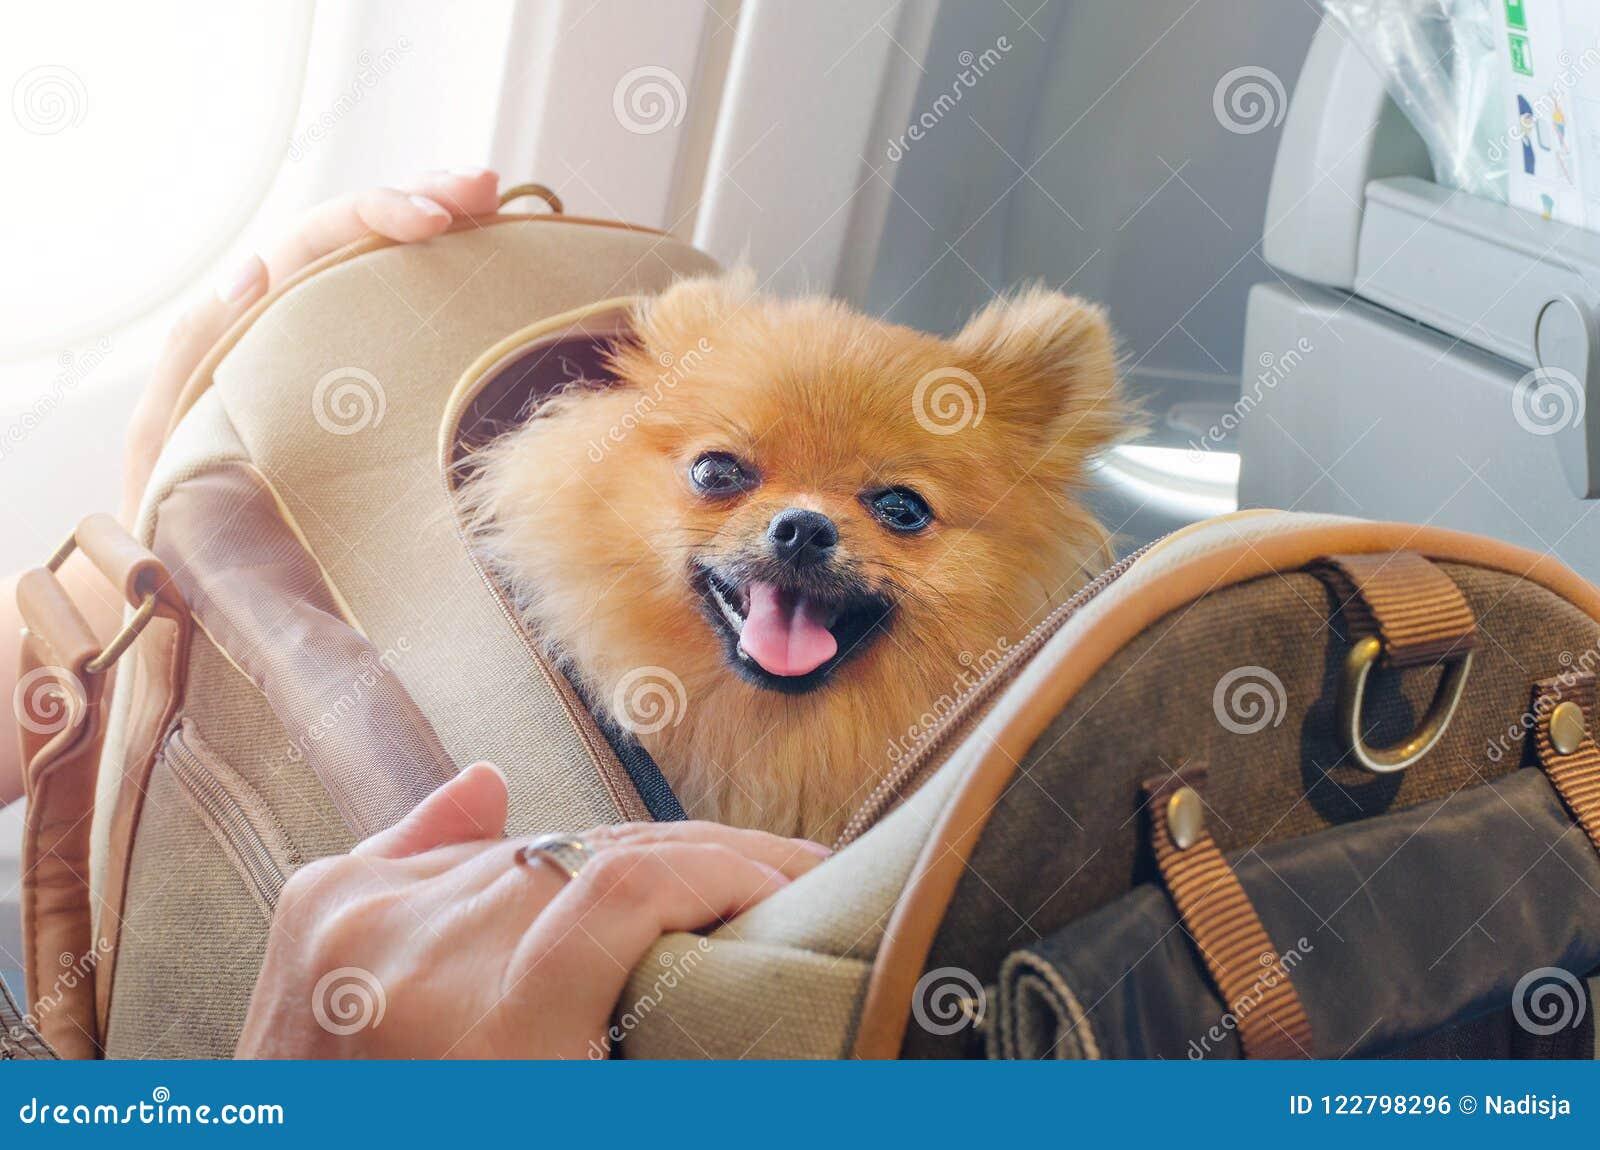 Spitz pomaranian do cão pequeno em um saco do curso a bordo do plano, foco seletivo